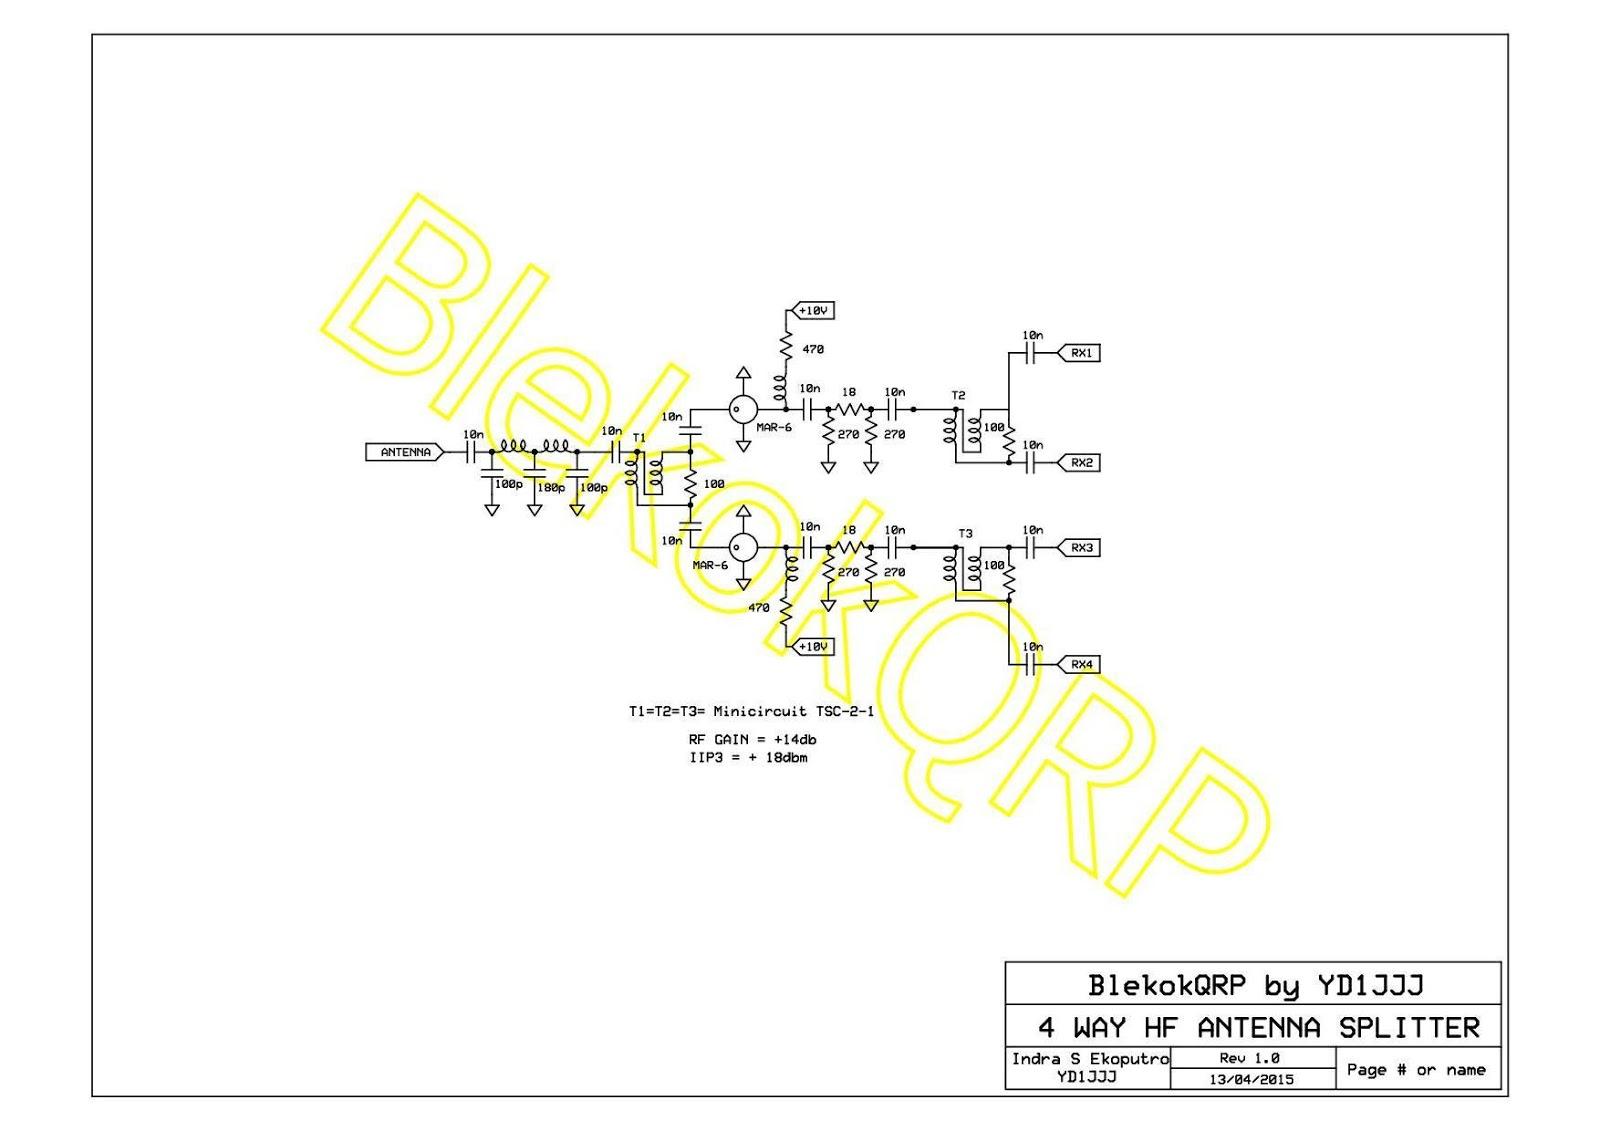 BLEKOK QRP by YD1JJJ: 4 Way RX Antenna Splitter